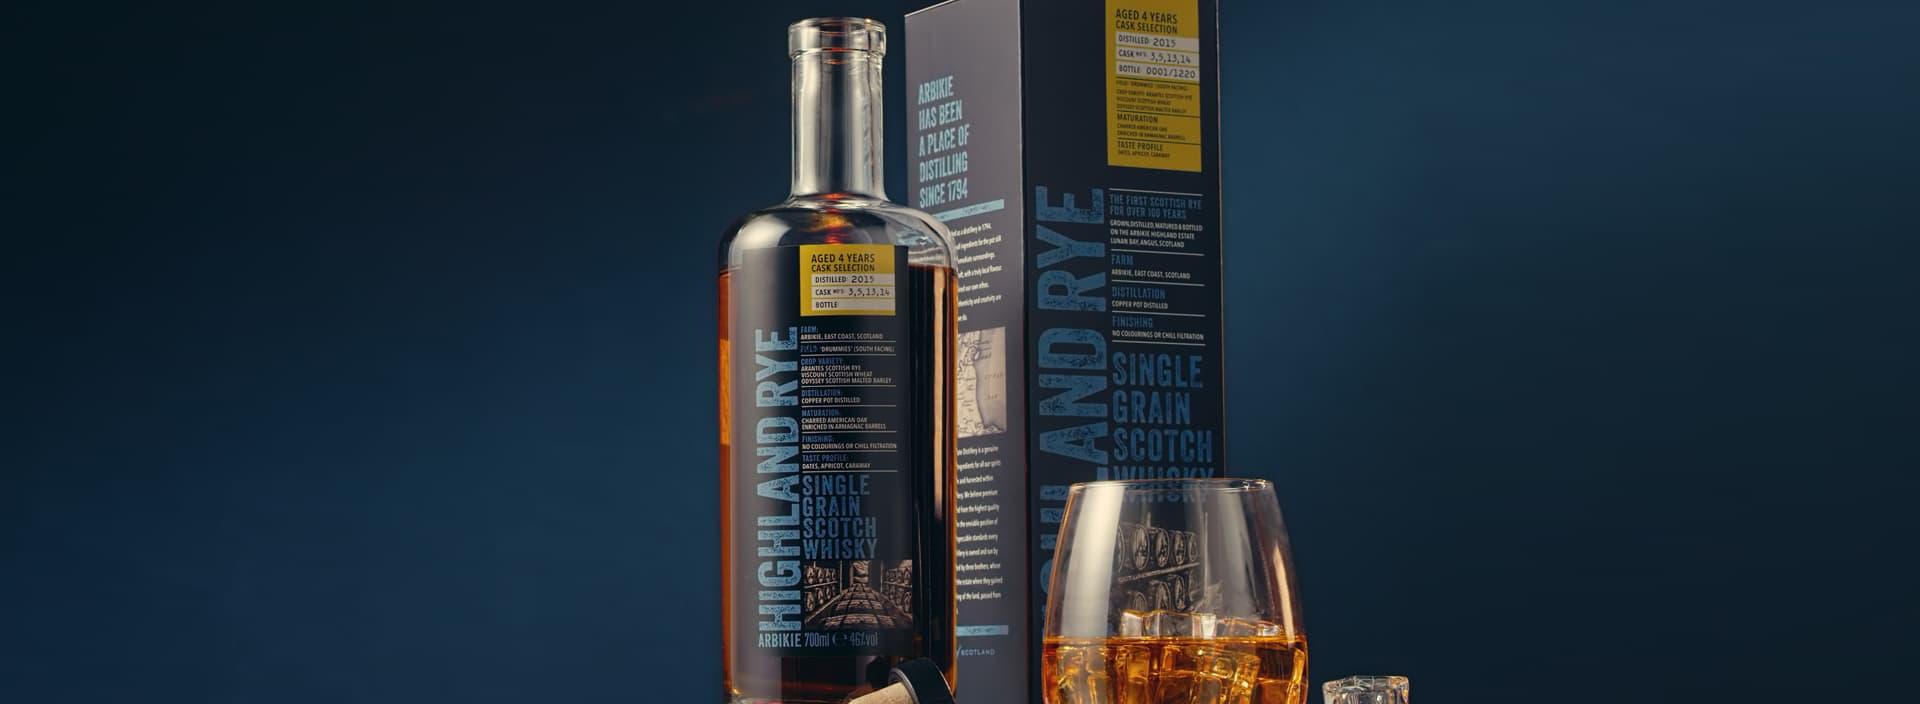 Arbikie Whiskey